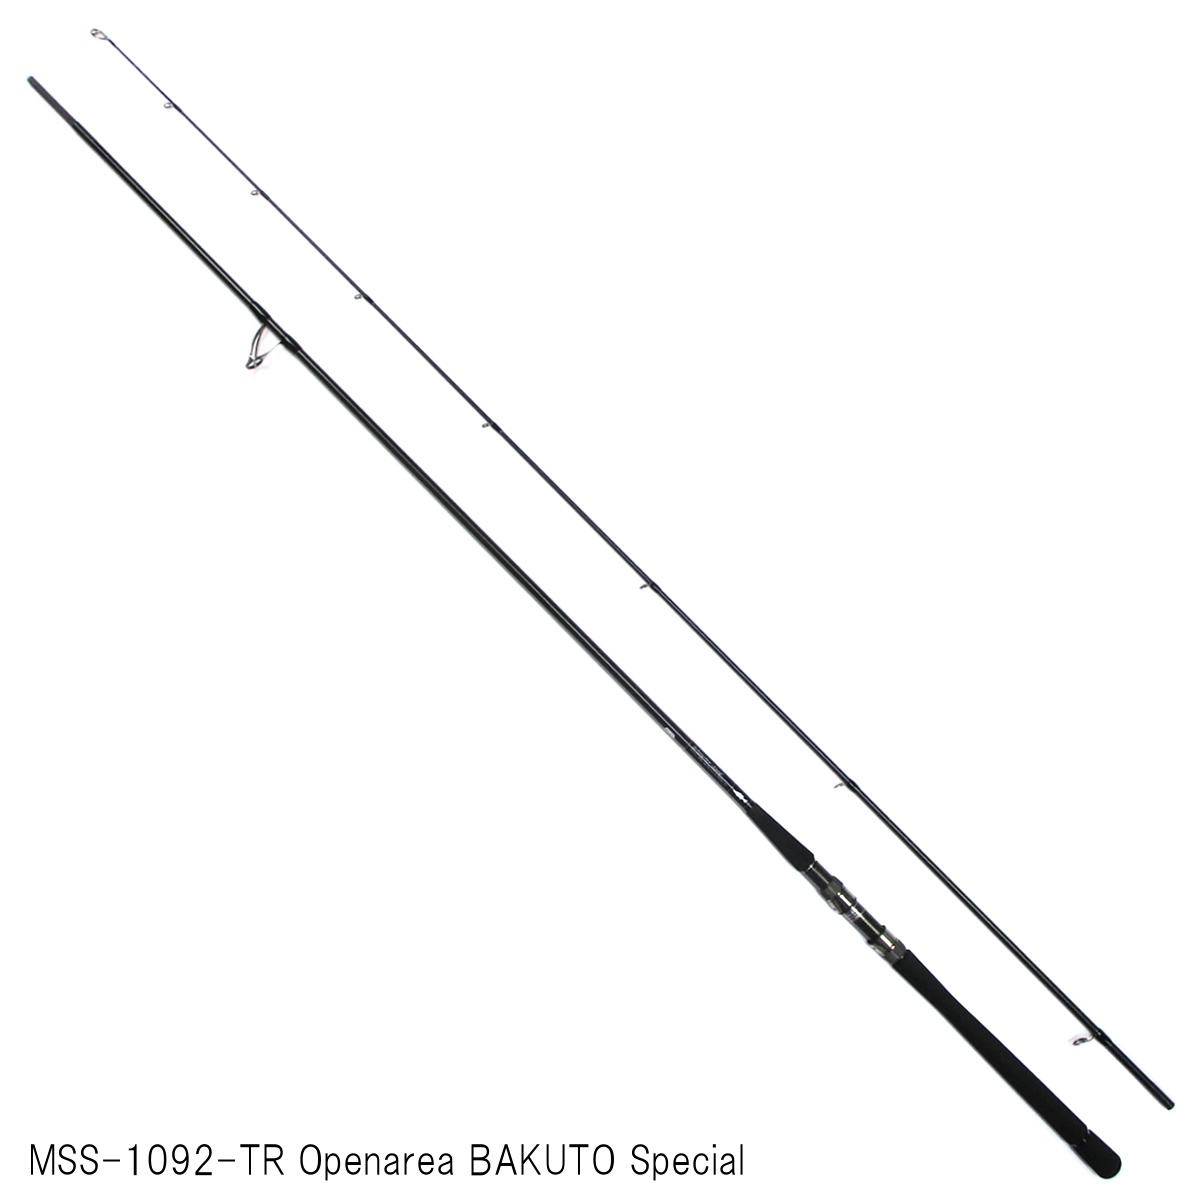 ジークラフト セブンセンスTR モンスターサーフ MSS-1092-TR Openarea BAKUTO Special【大型商品】【送料無料】